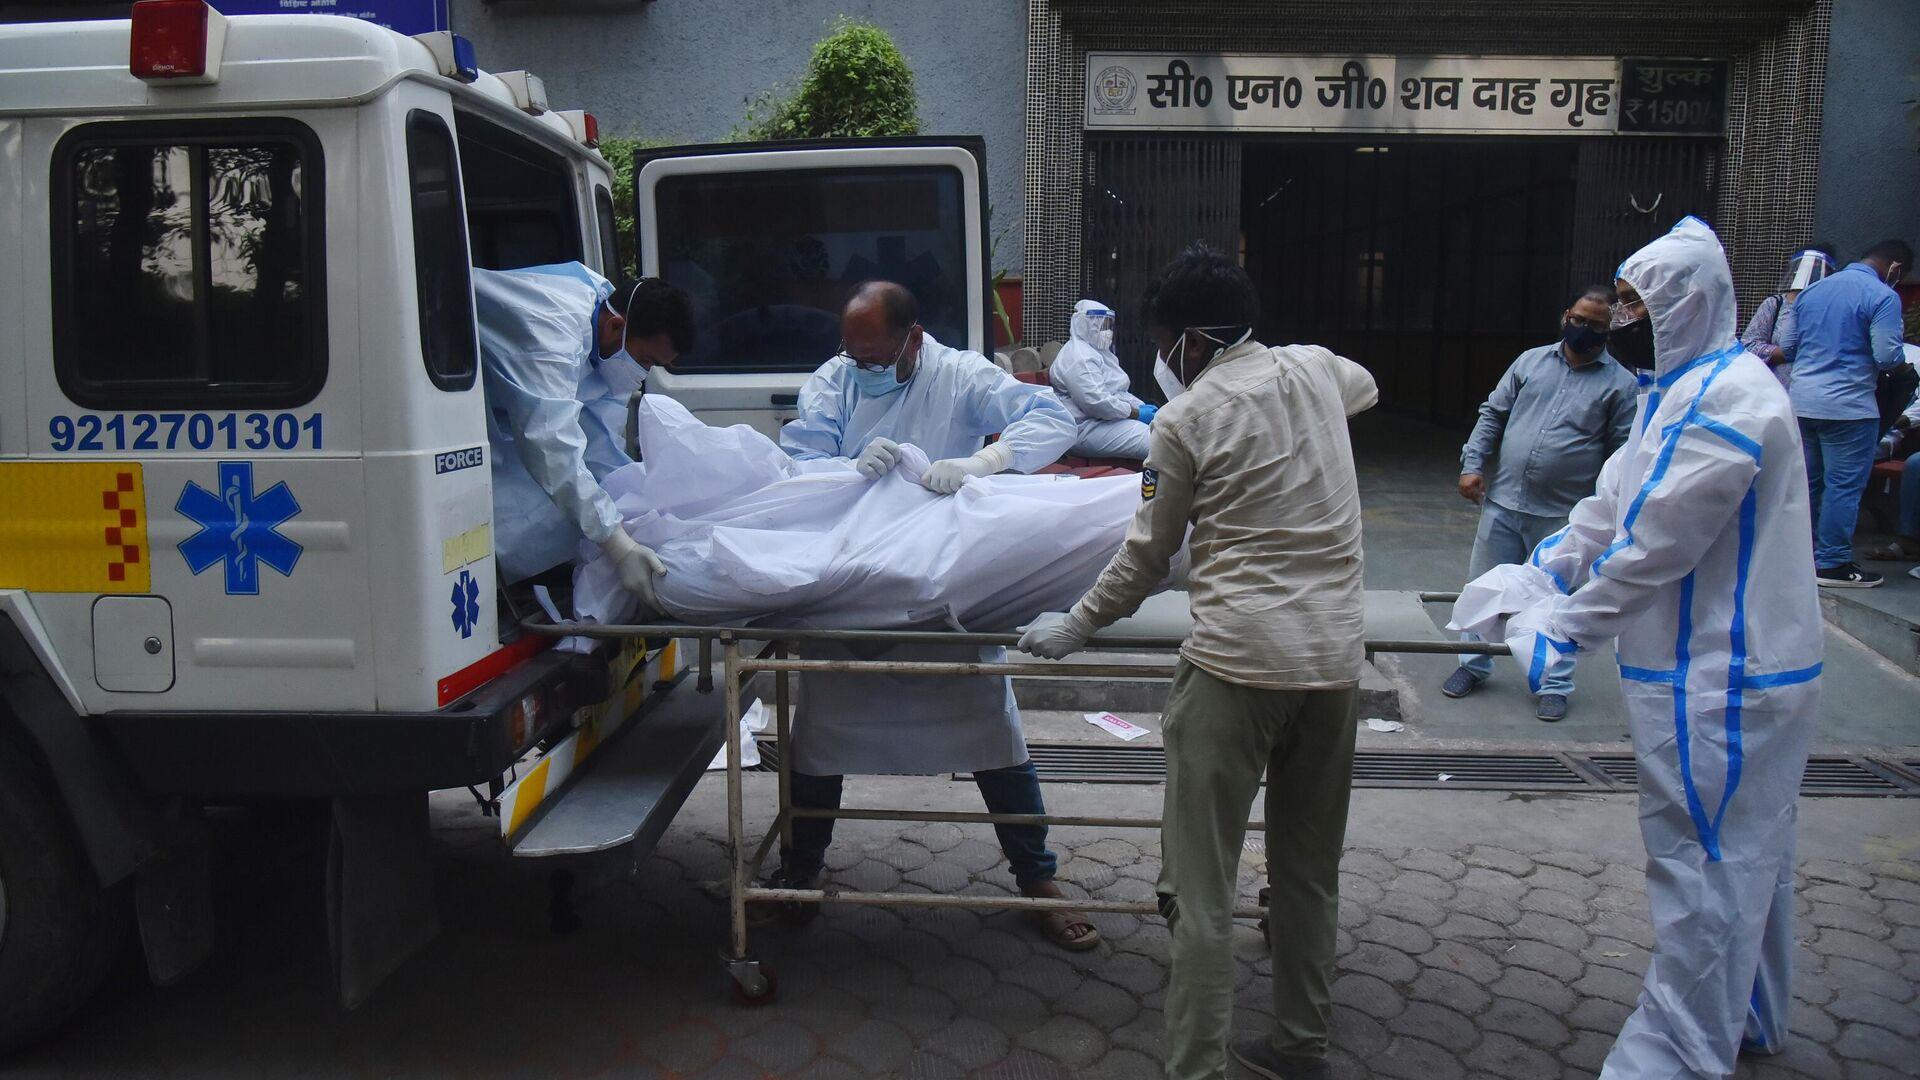 Медицинские работники транспортируют мертвое тело в Дели - РИА Новости, 1920, 24.06.2021